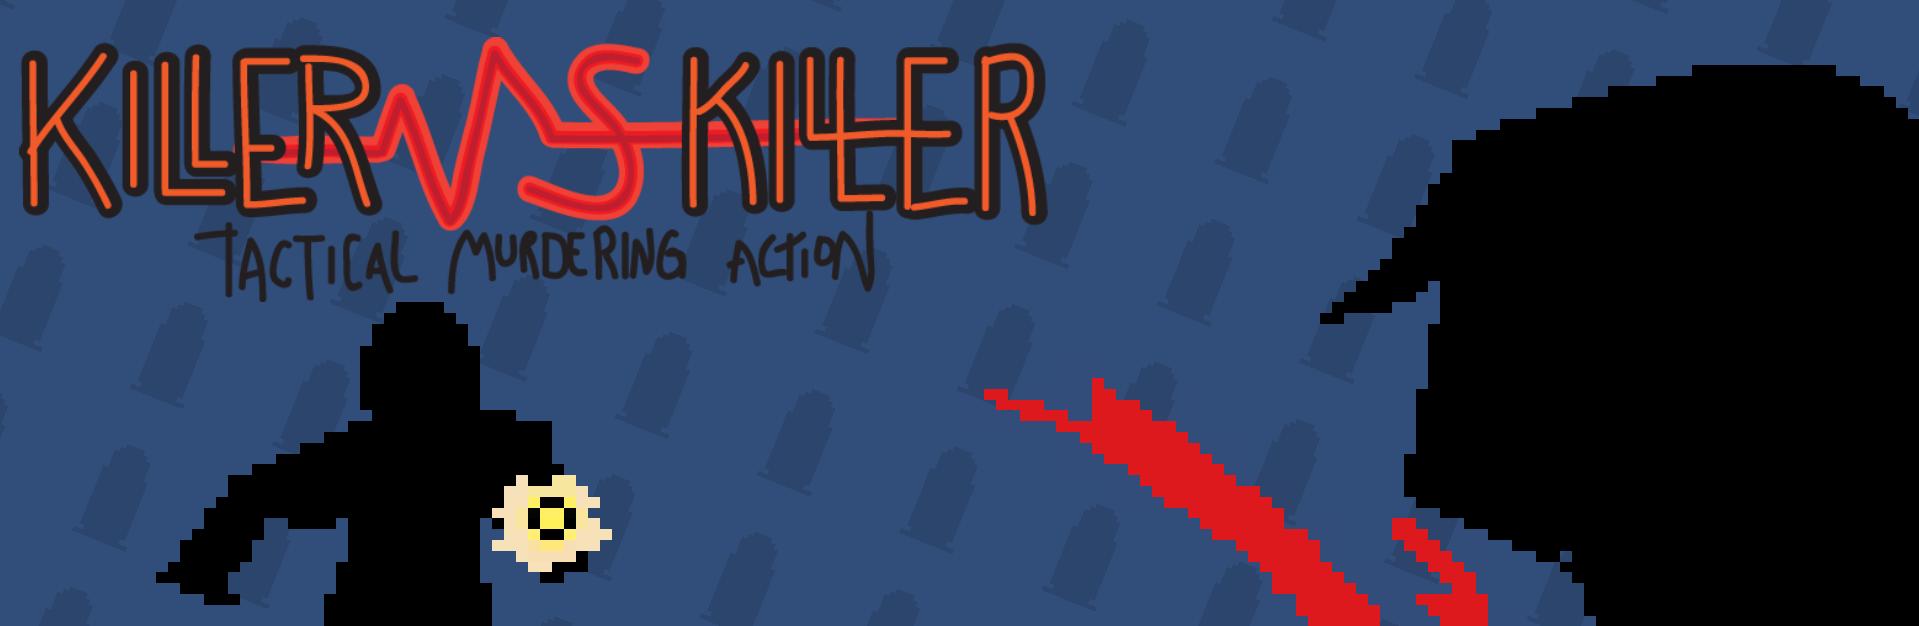 Killer Vs Killer